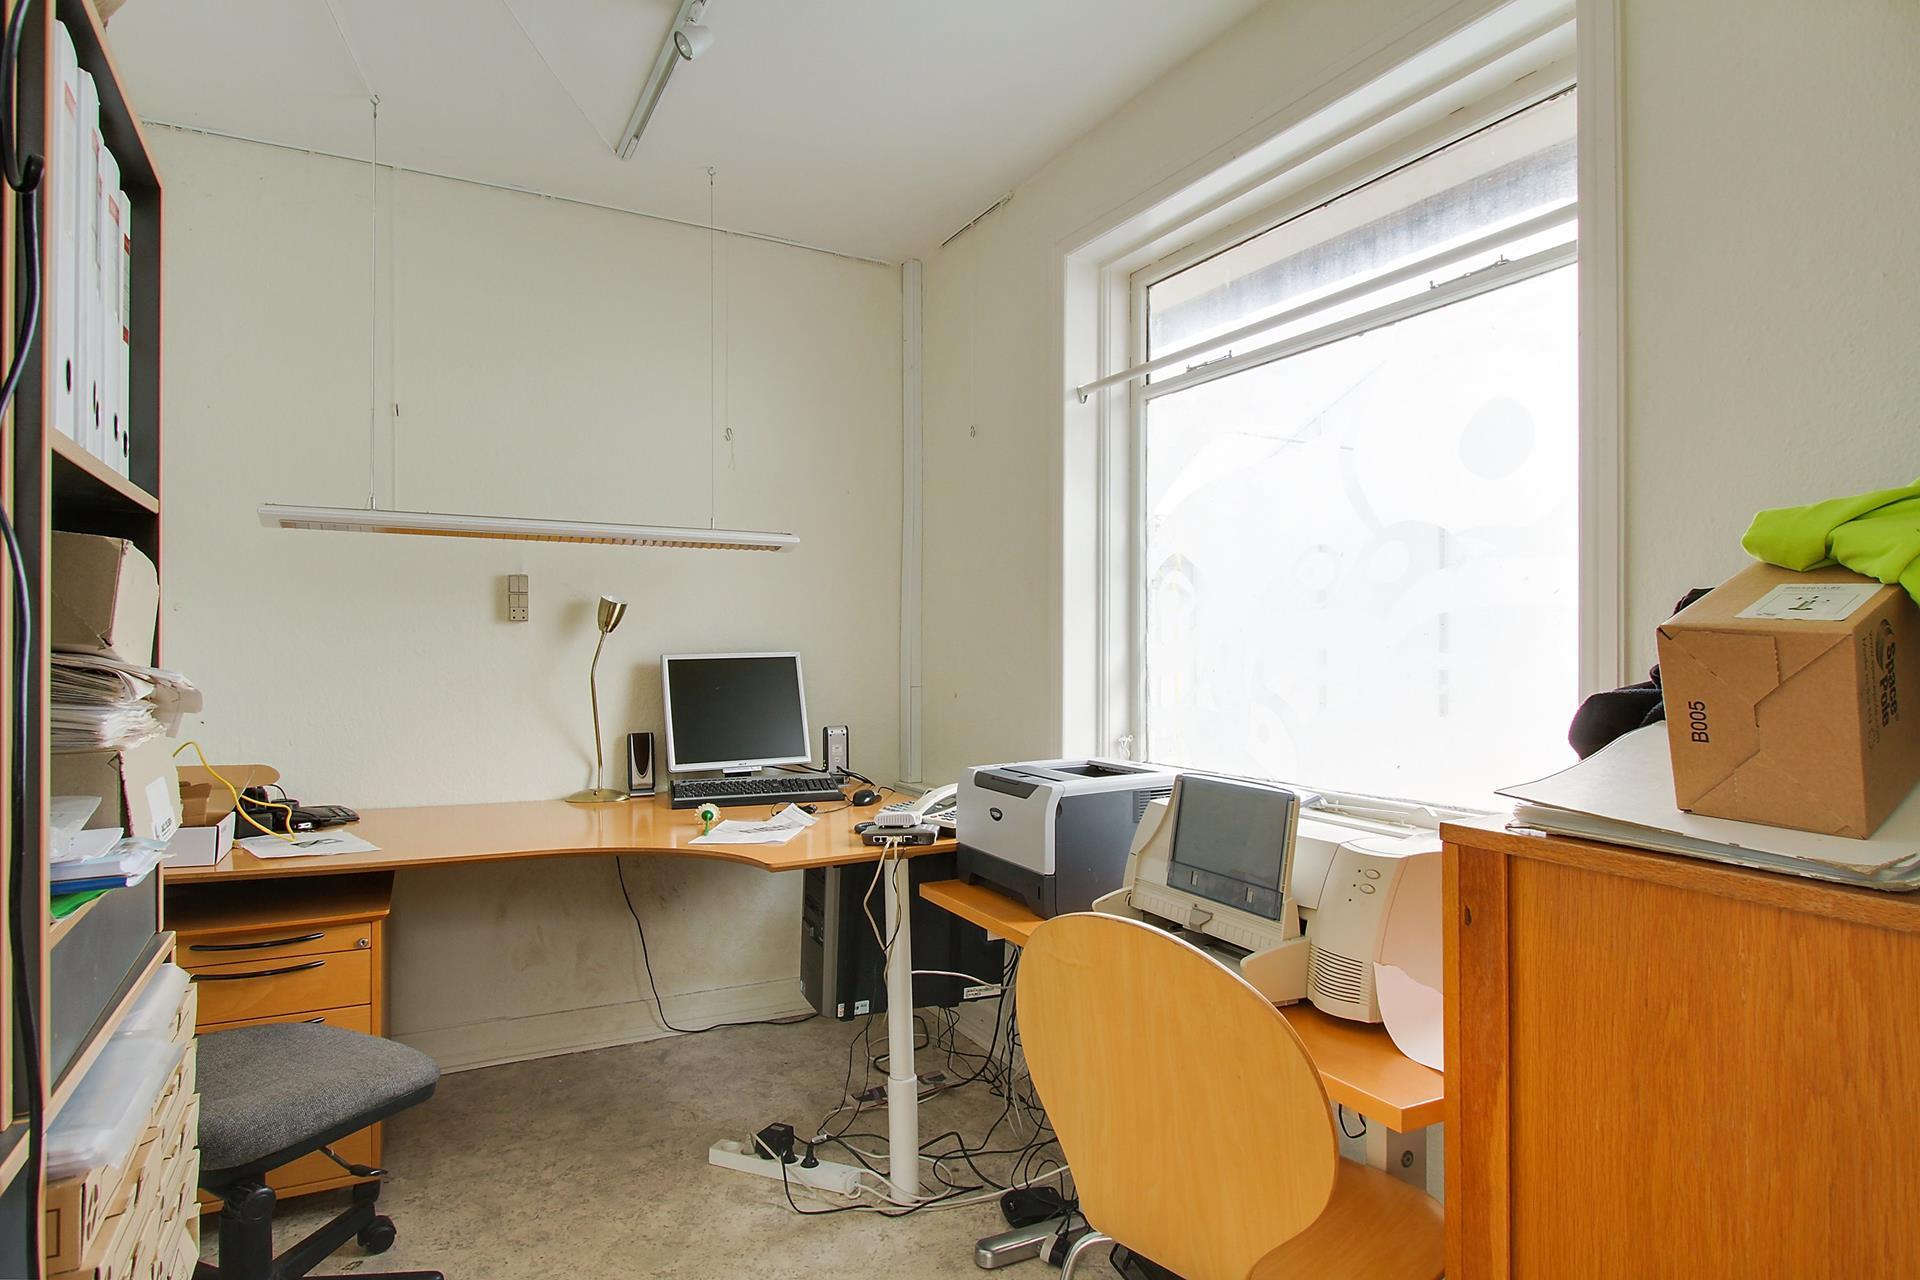 Bolig/erhverv på Aggersundvej i Fjerritslev - Kontor